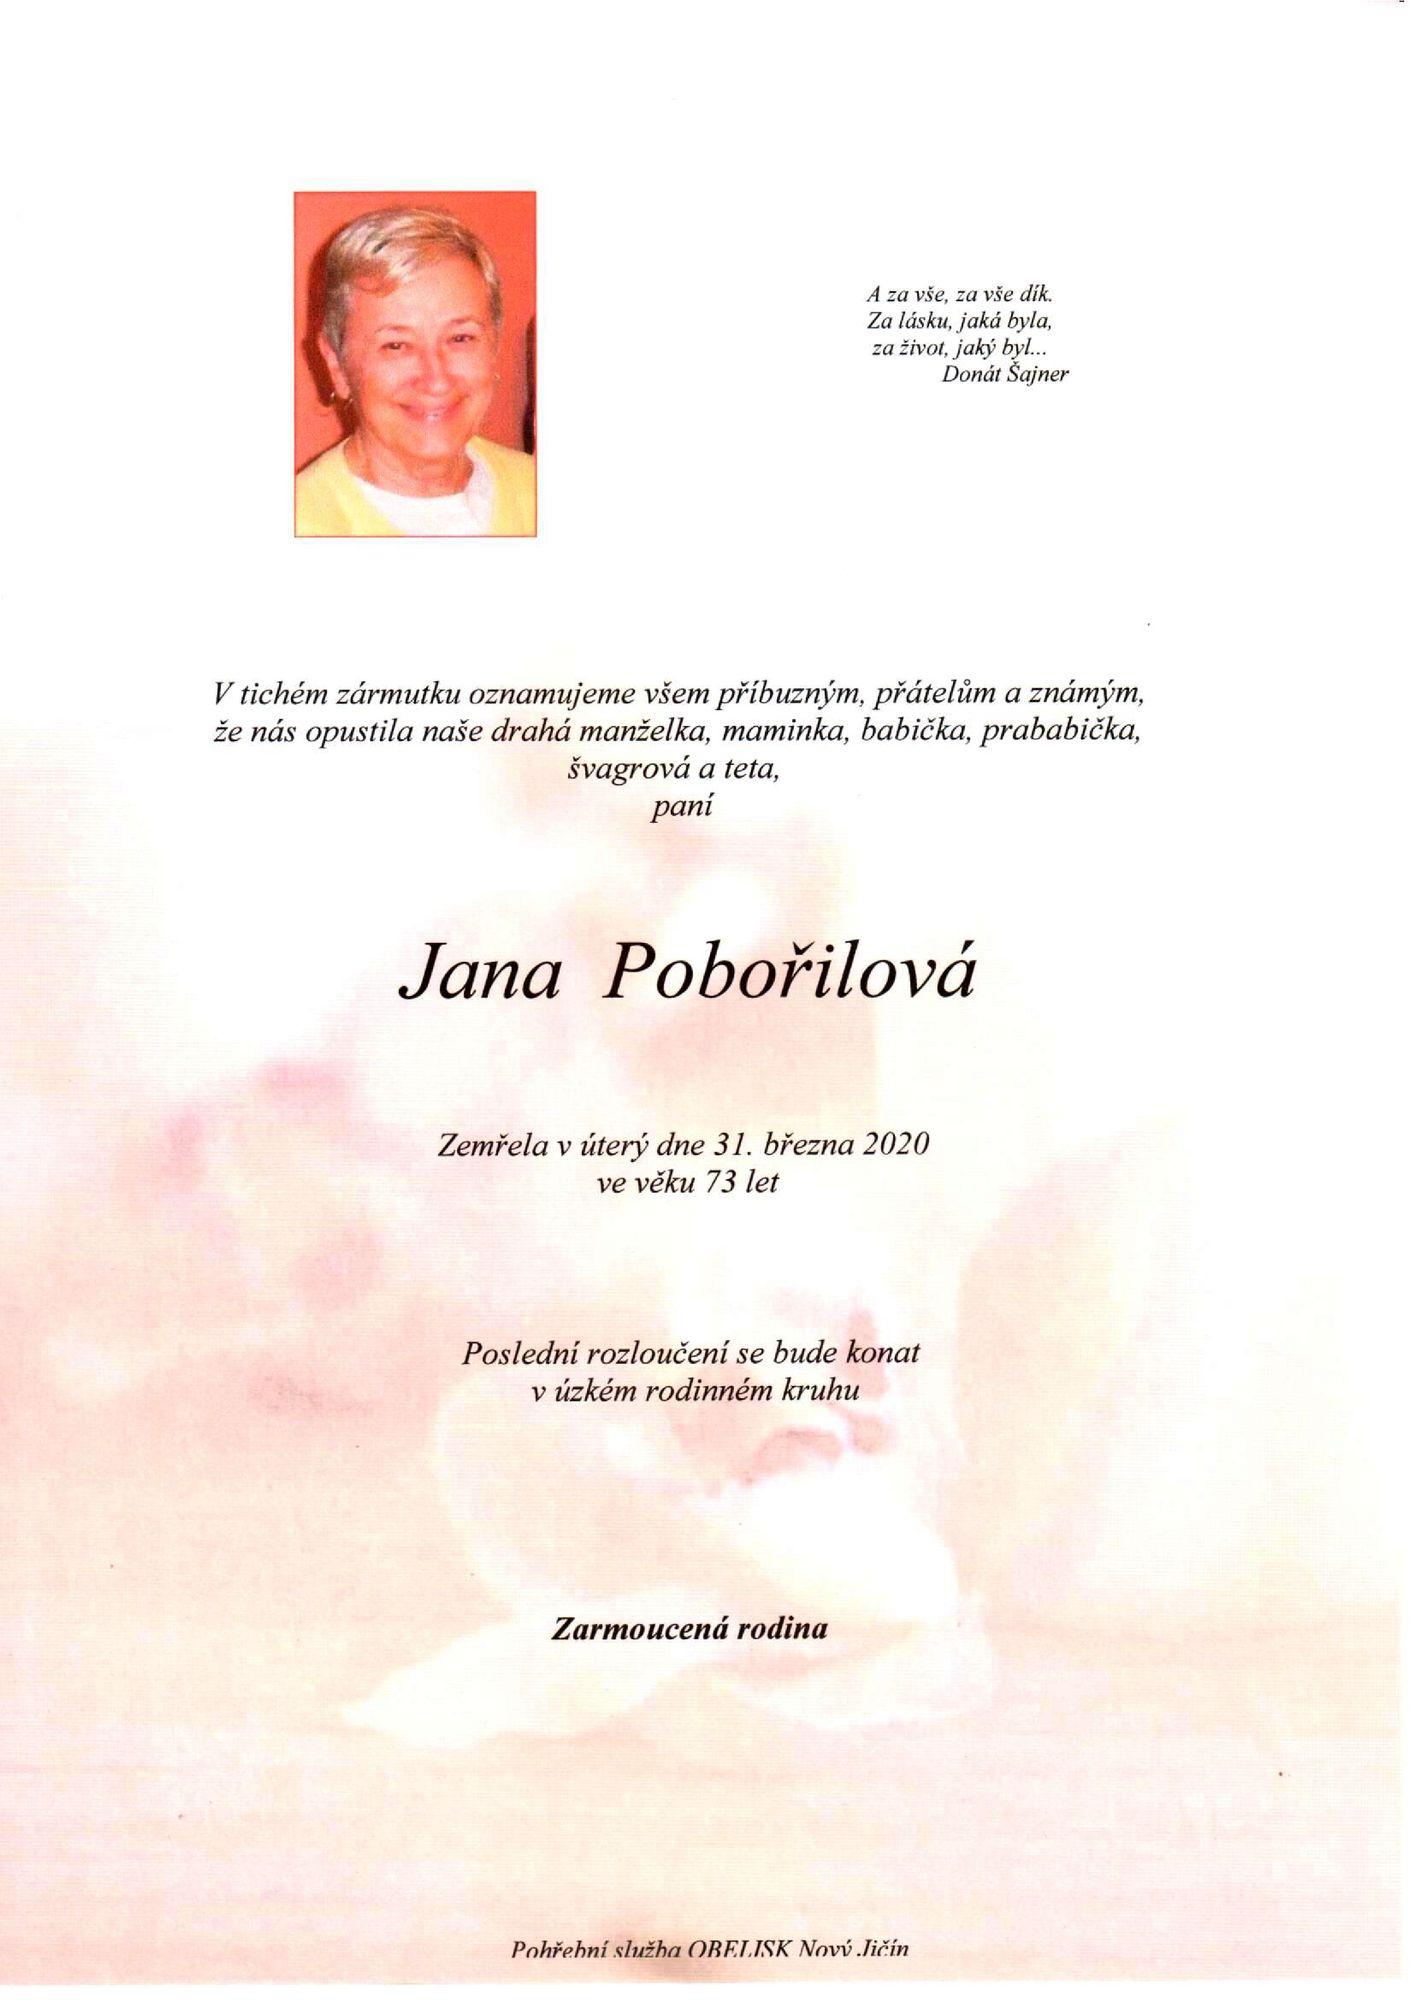 Jana Pobořilová